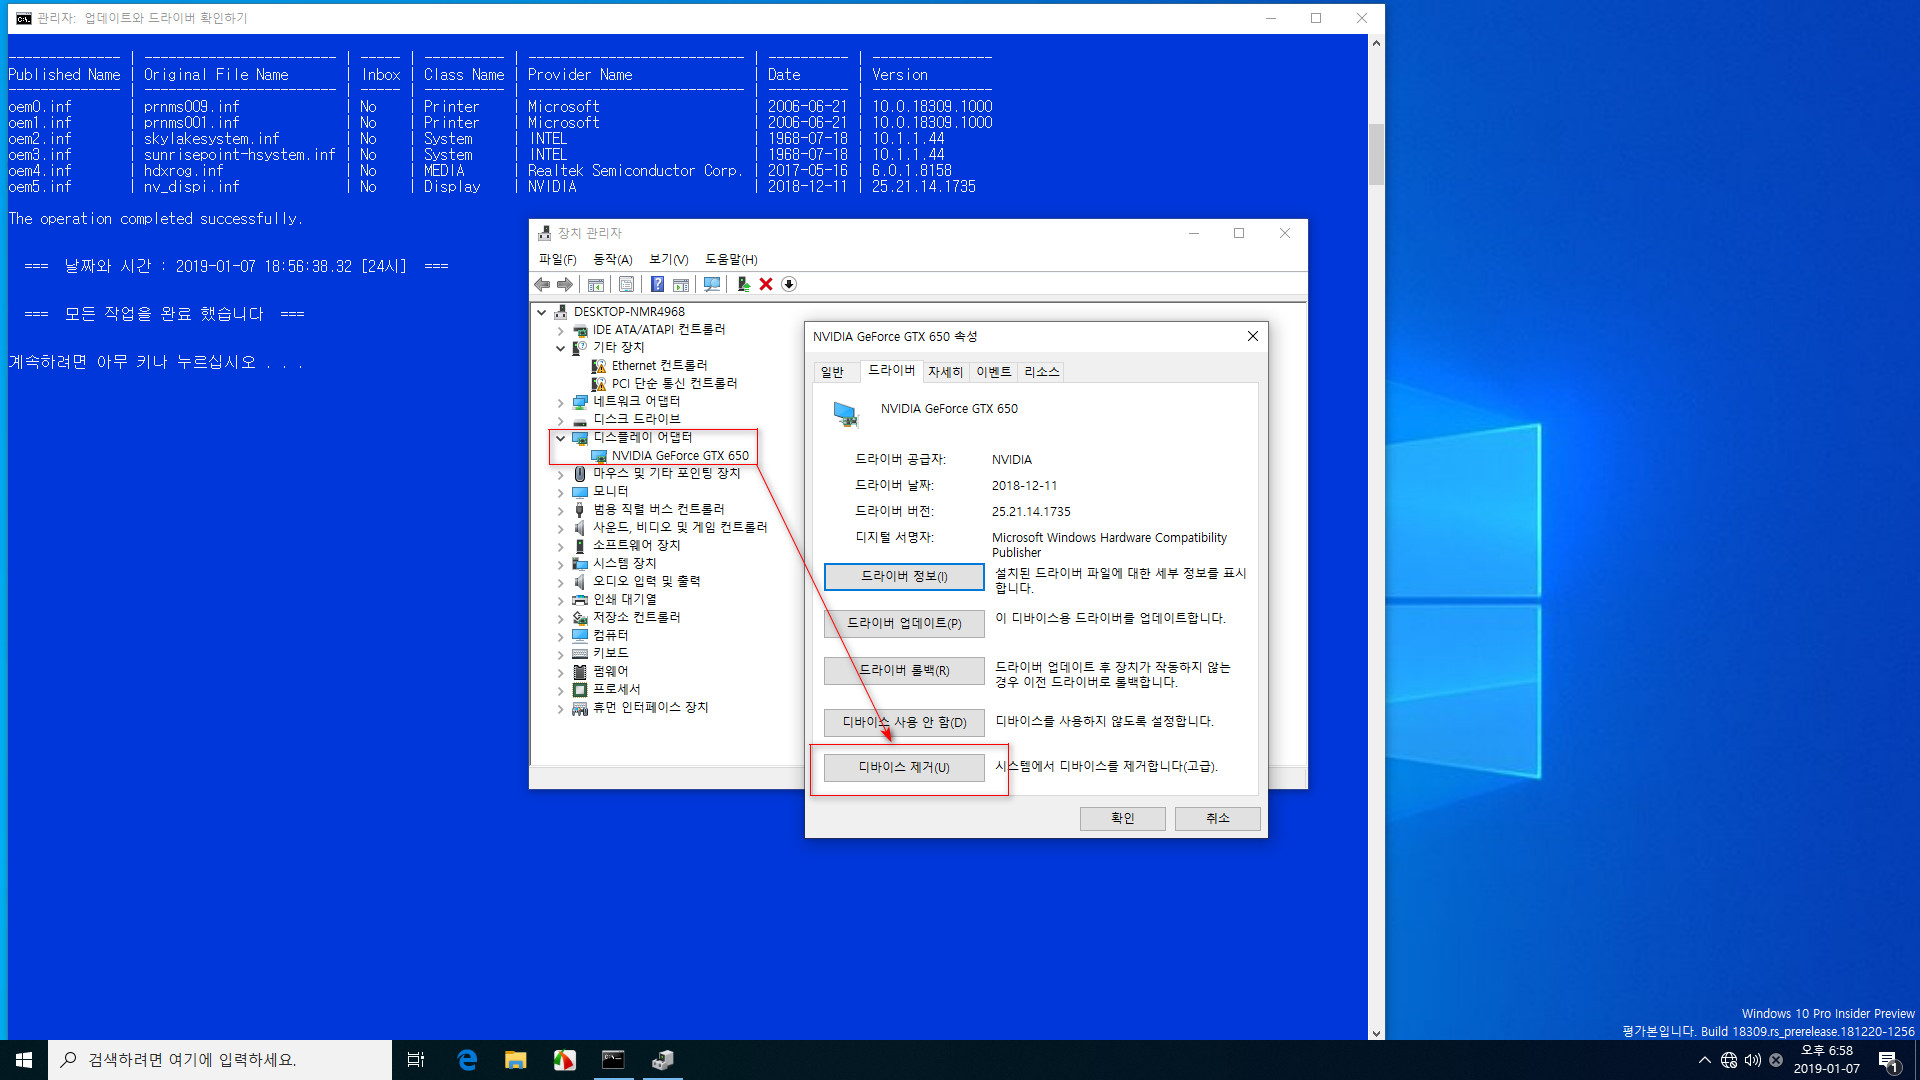 윈도10 19H1 인사이더 프리뷰 18309.1000 빌드 나왔네요 - 실컴에서 Windows Sandbox 테스트 - 어떤 드라이버가 충돌을 일으키는지 확인 테스트4 [윈도에 내장된 랜드라이버 제거] - 3번째 for 구문과 사용권한 획득으로 내장 랜 드라이버들 삭제 성공함 2019-01-07_185814.jpg